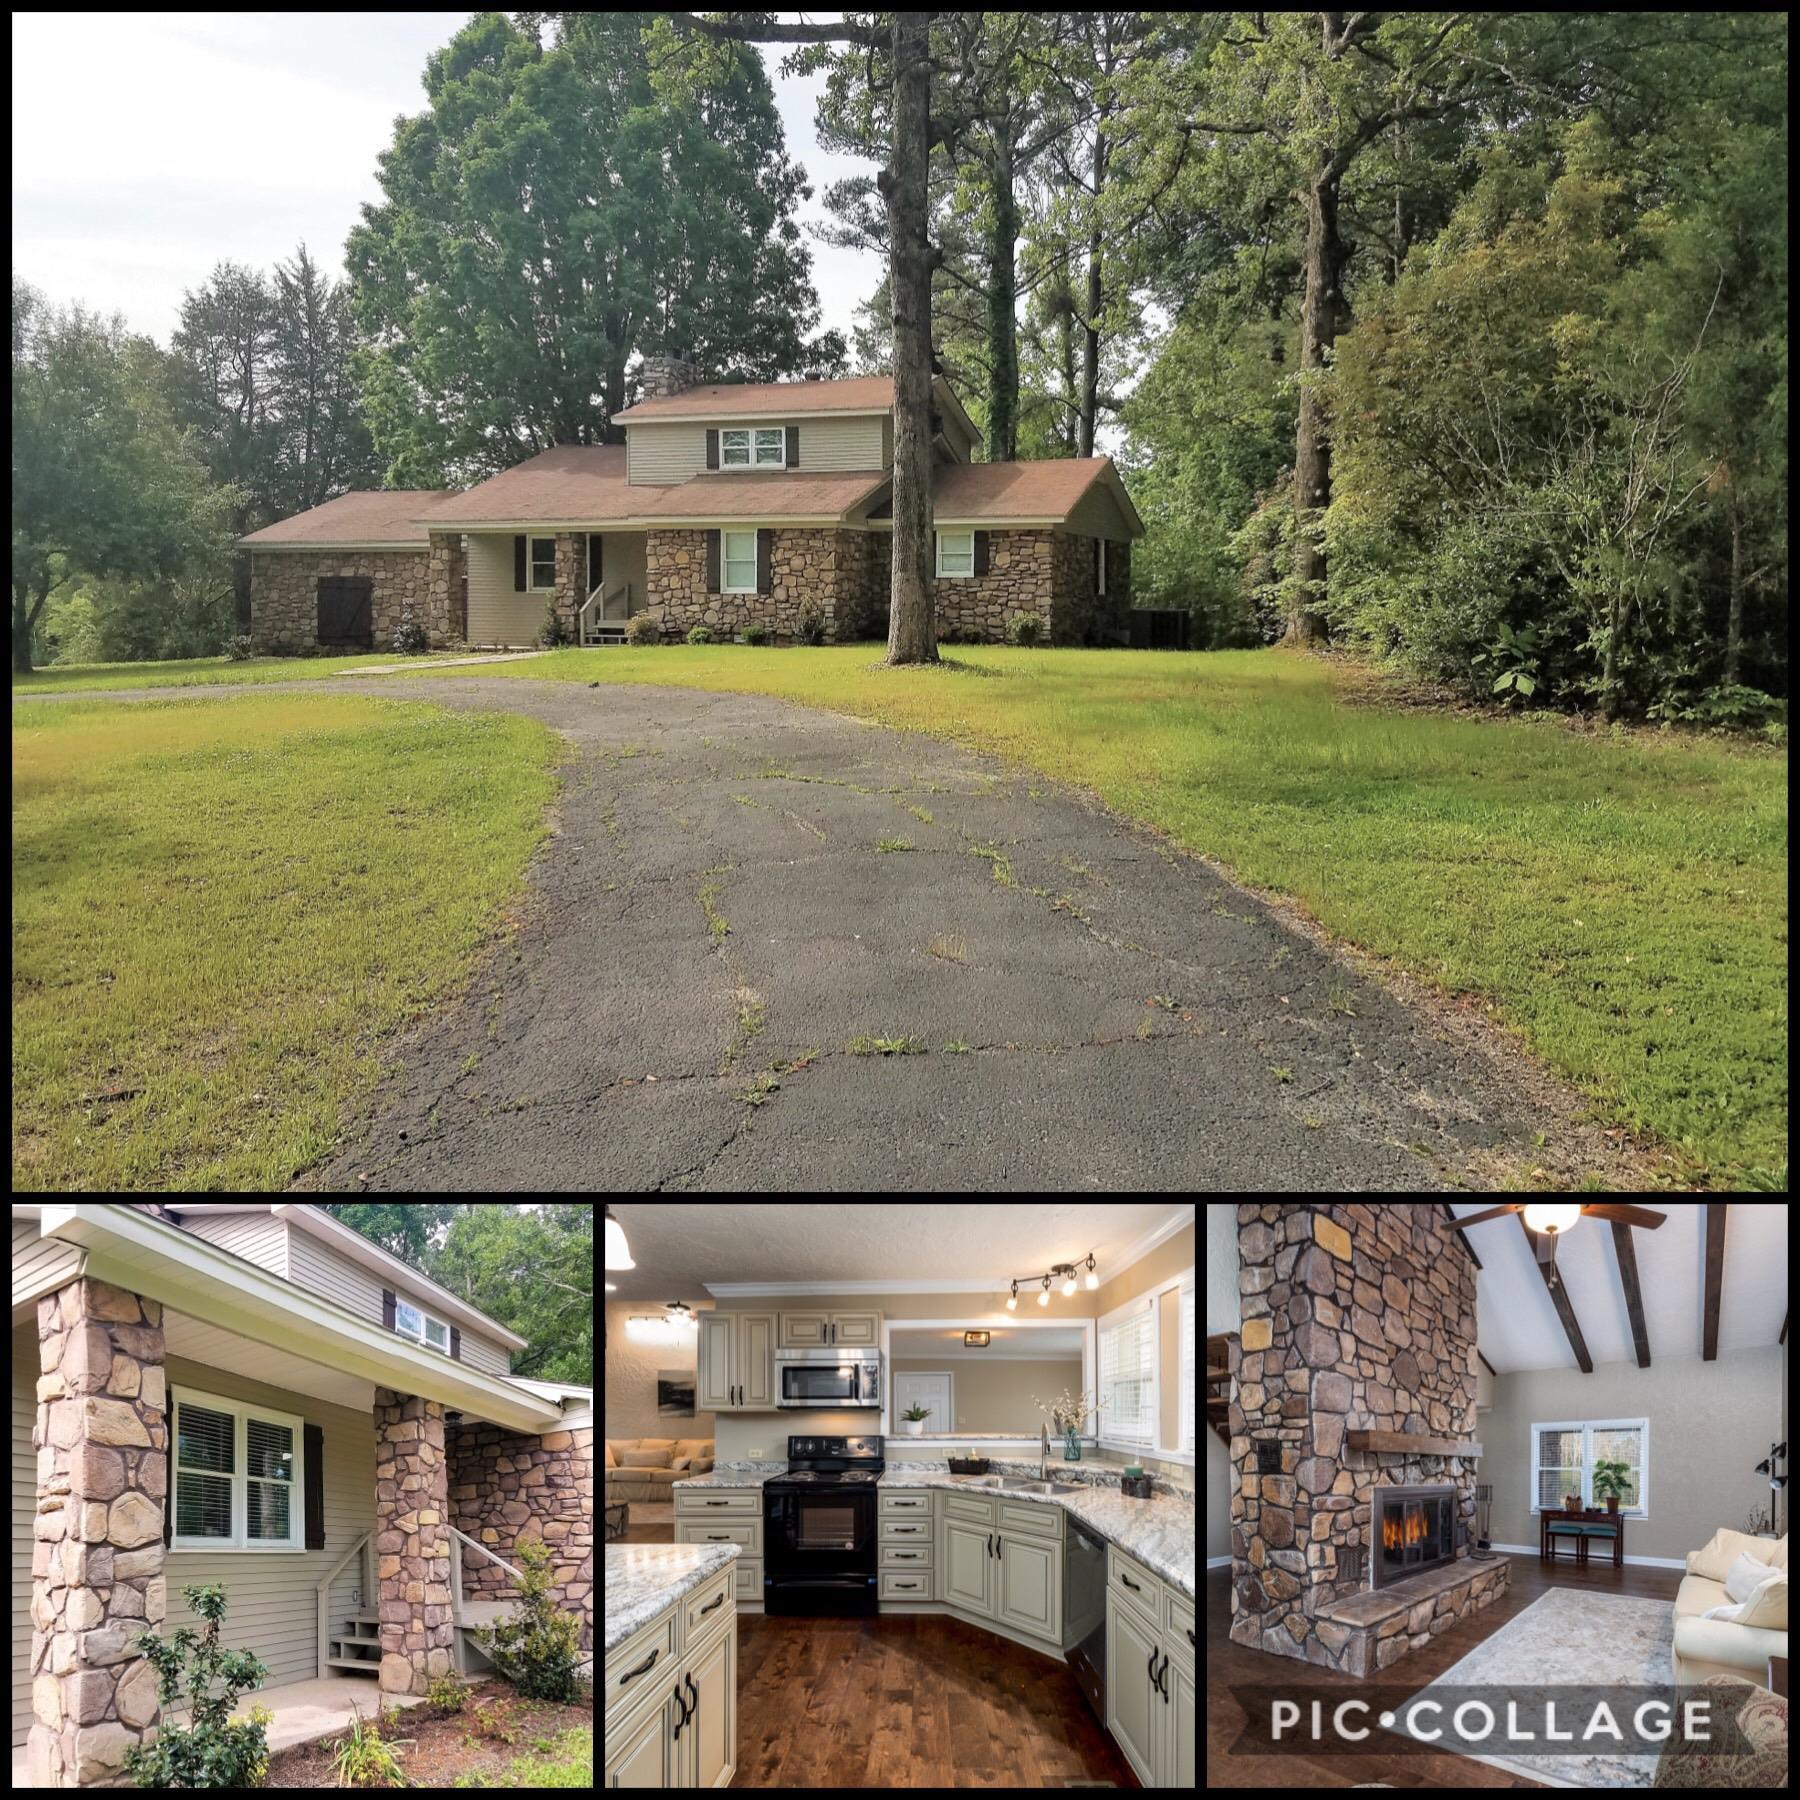 10940 Sardis Scotts Hill Rd, Scotts Hill, TN 38374 - Scotts Hill, TN real estate listing